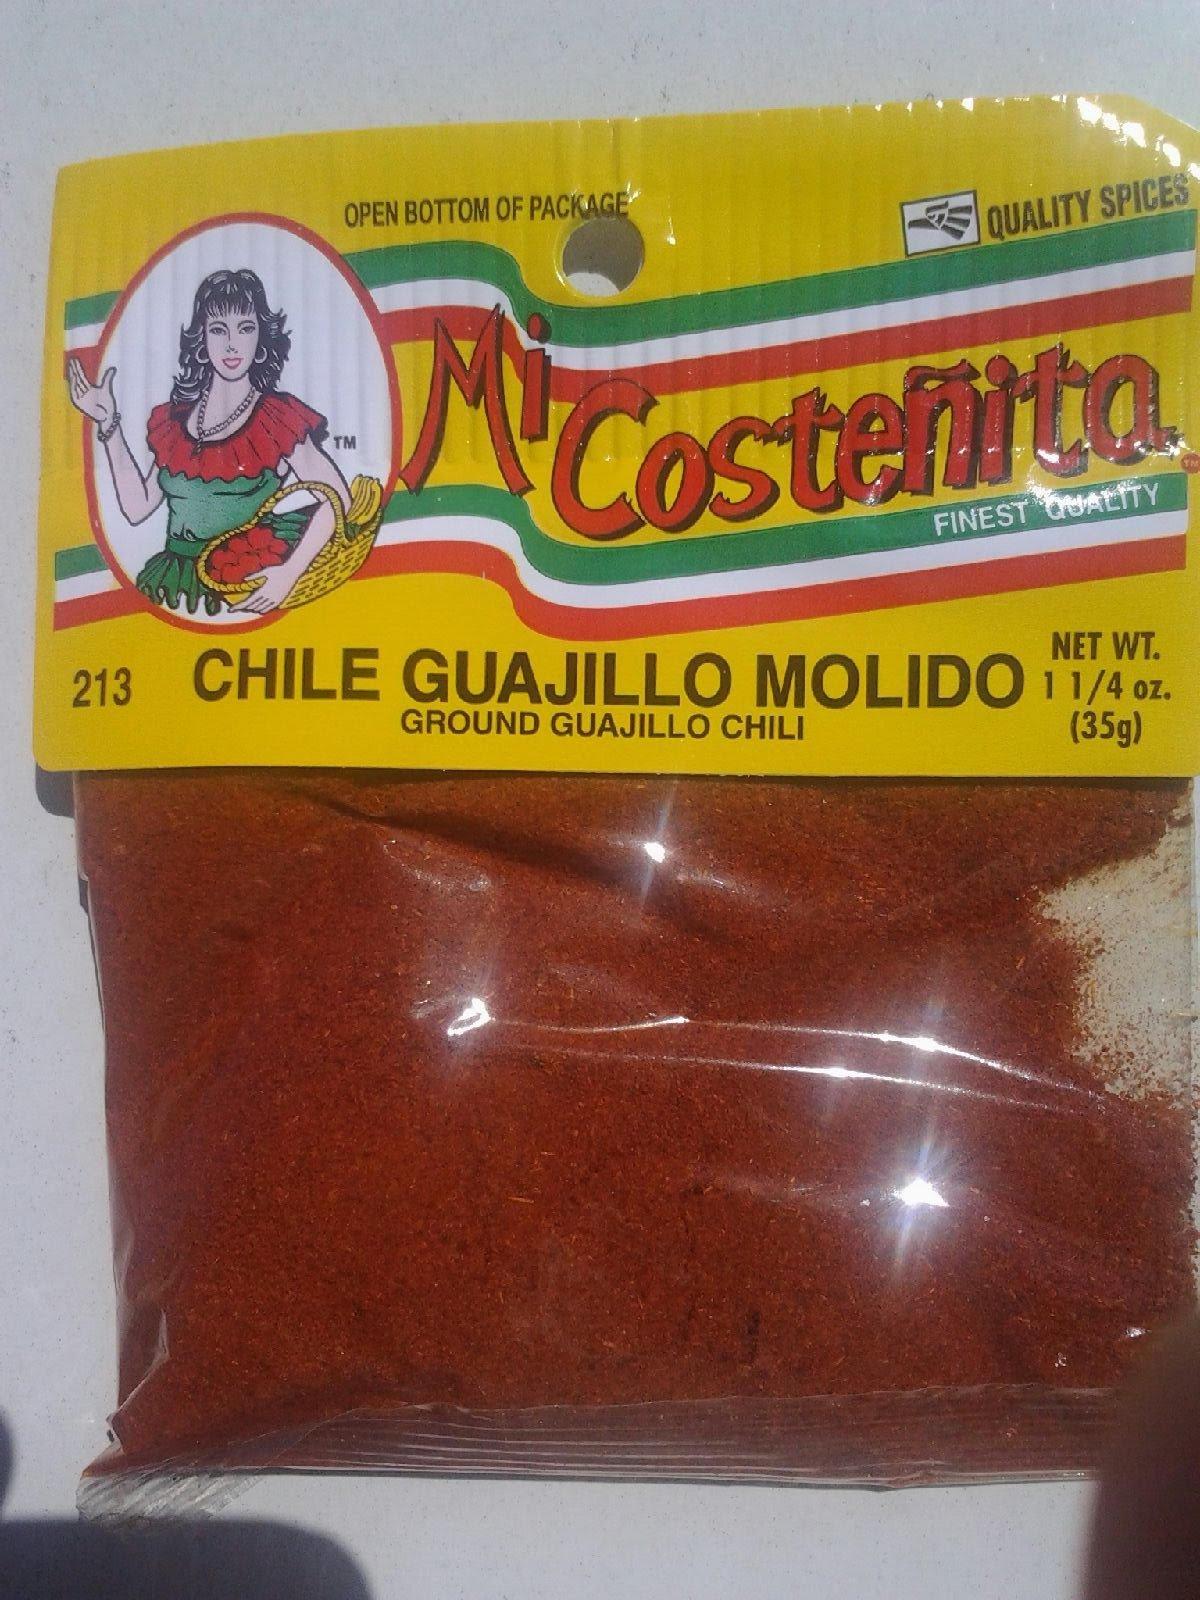 Ground Guajillo Chili Guajillo Chili Molido 1.25 Oz 1 Pack